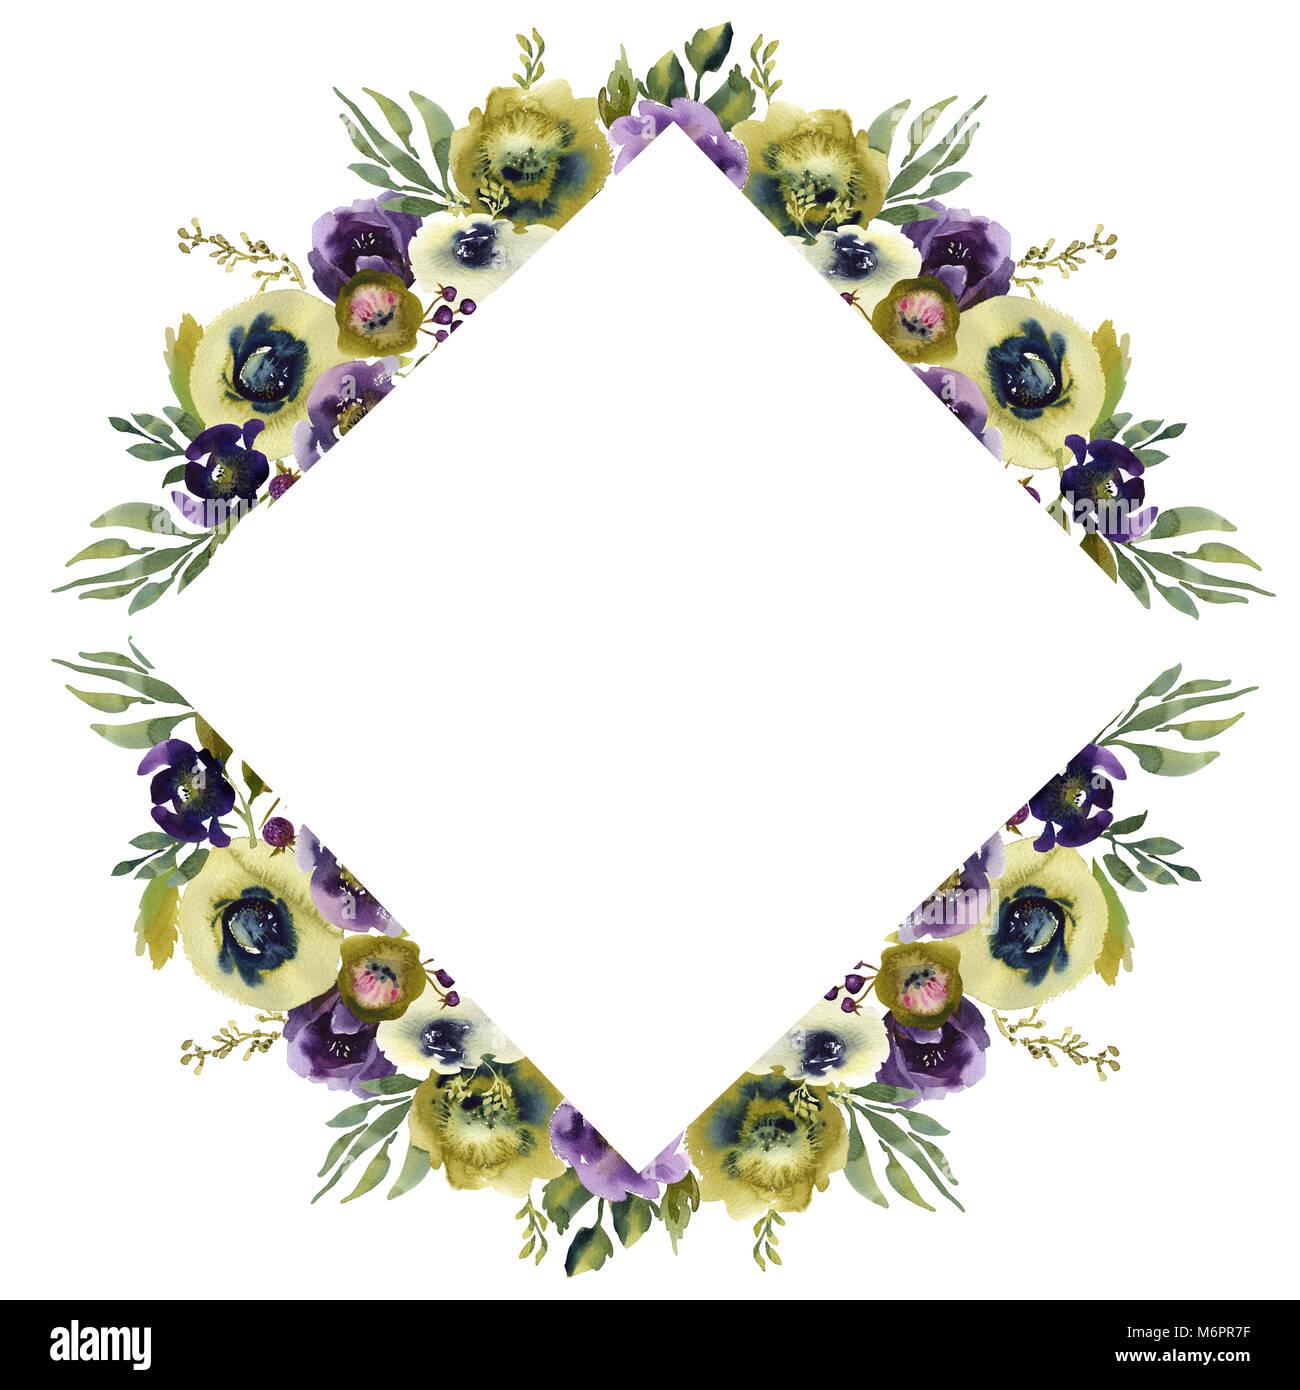 Hochzeit Frame Kranz Grun Und Lila Blumen Ornament Stockfoto Bild